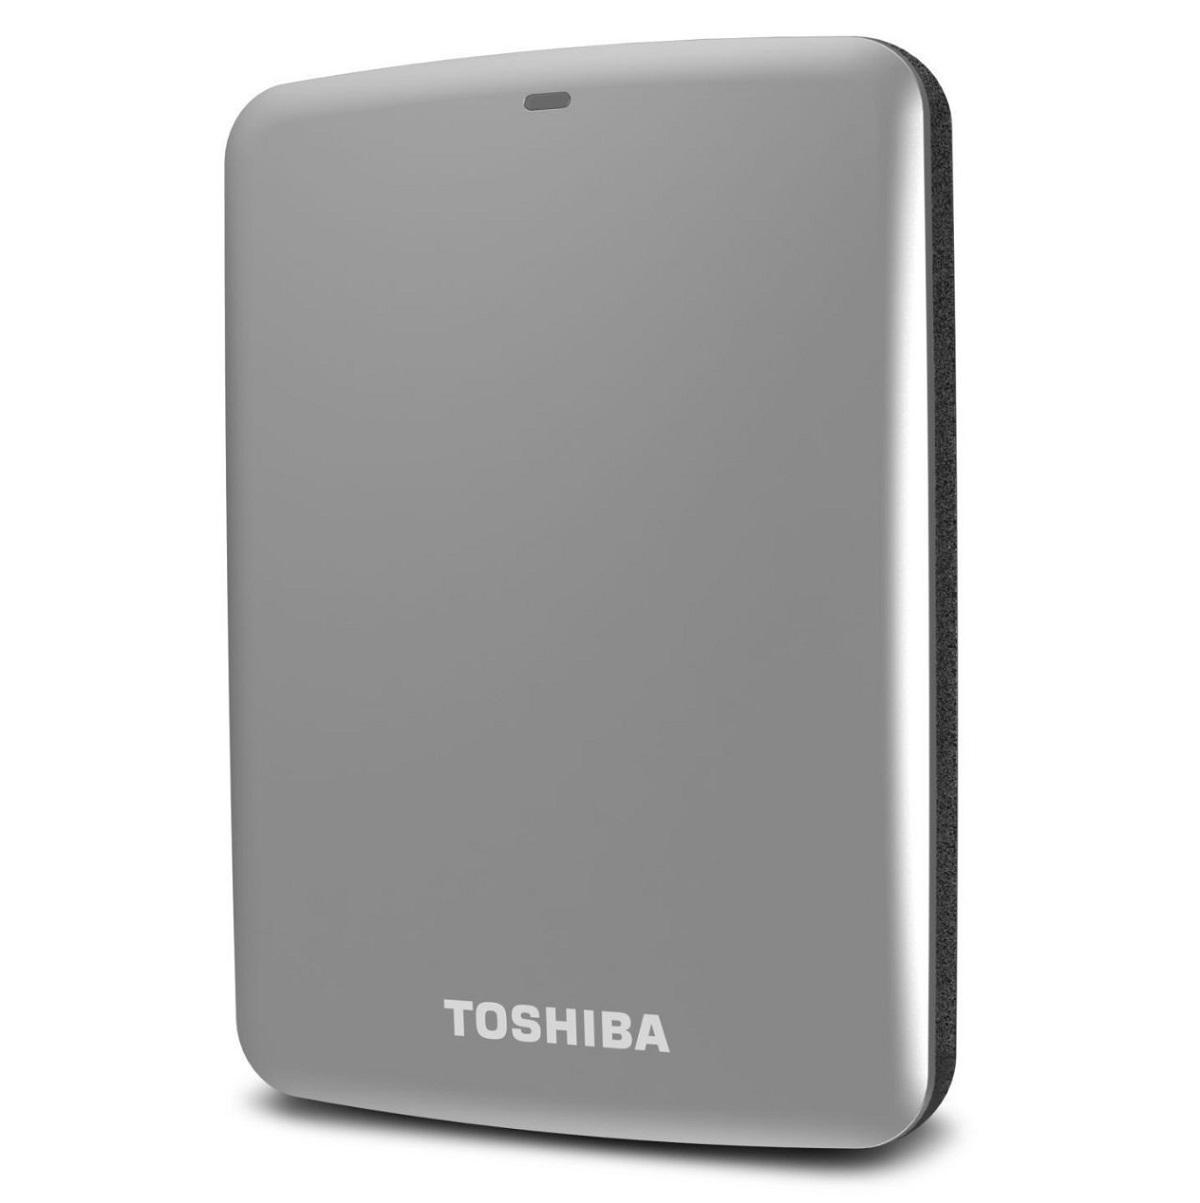 Ổ cứng di động Toshiba Canvio connect 1Tb USB3.0 Bạc